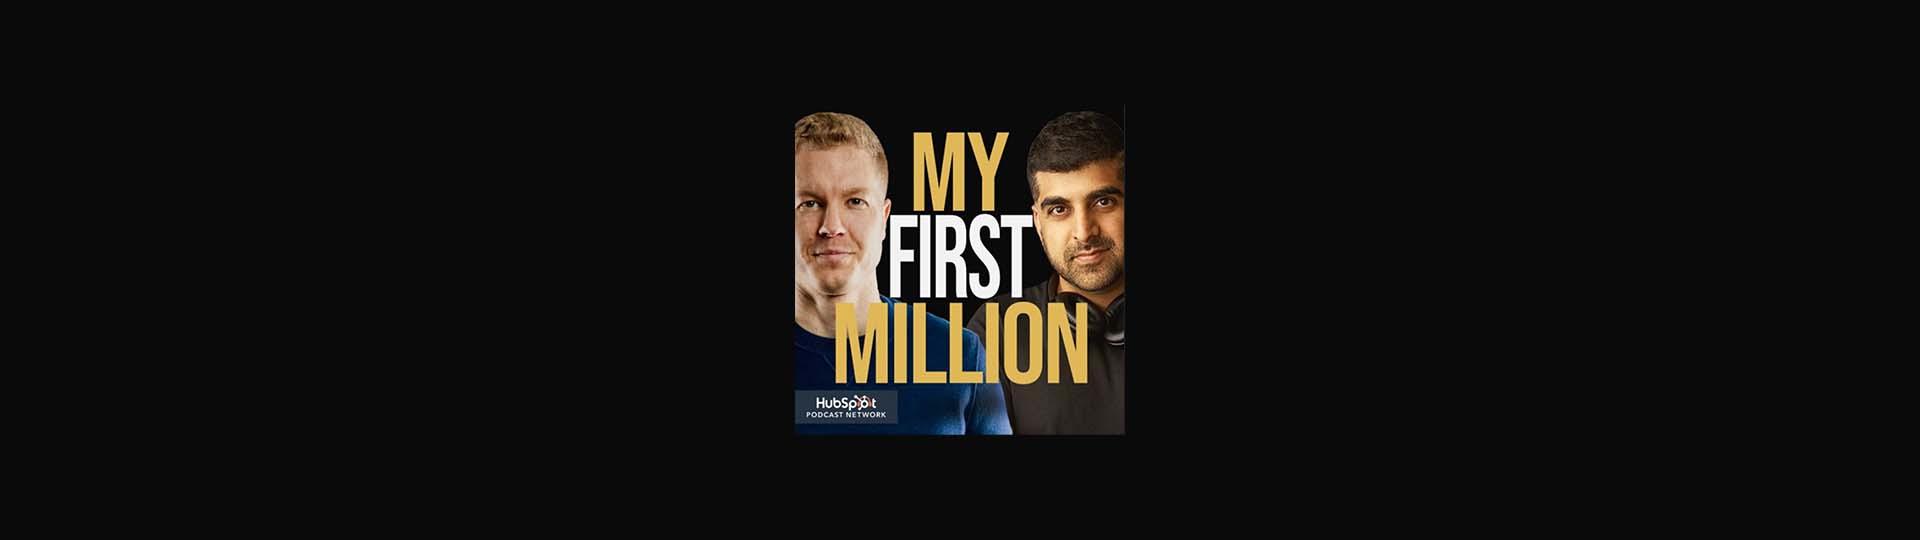 my first million